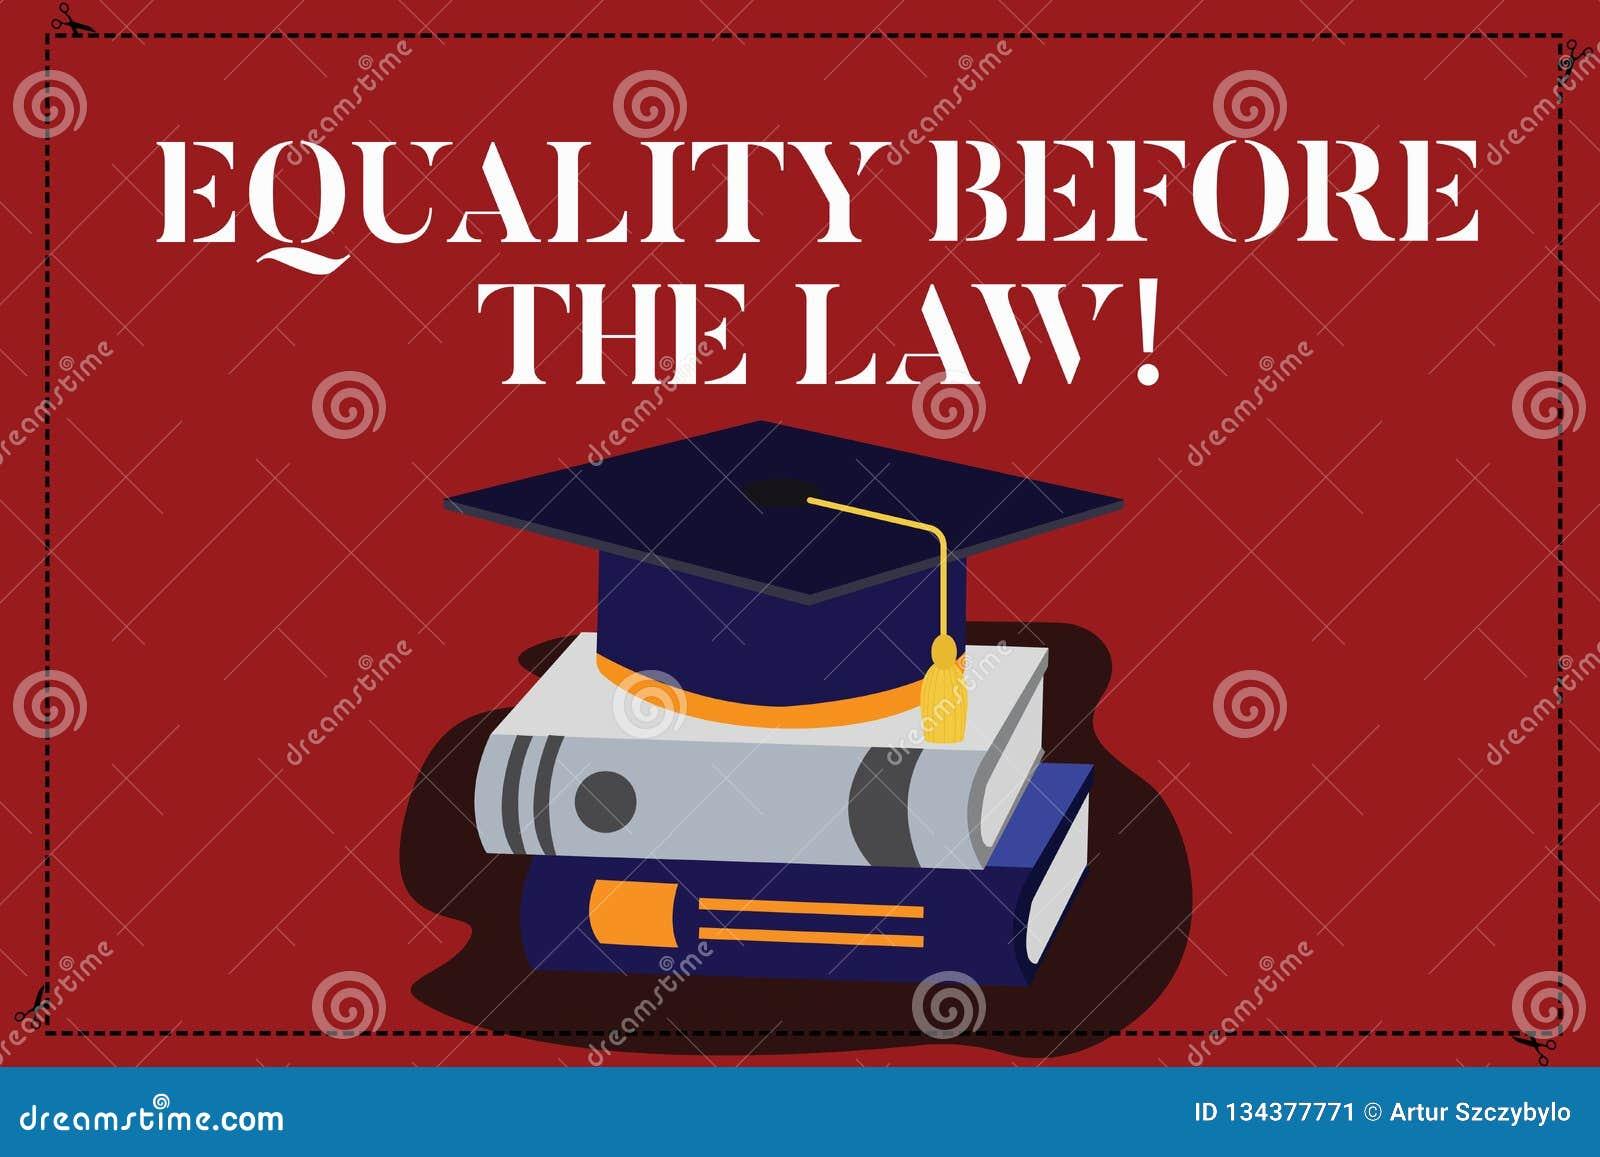 显示法律面前平等的文本标志 概念性大家的照片正义平衡保护平等权利颜色